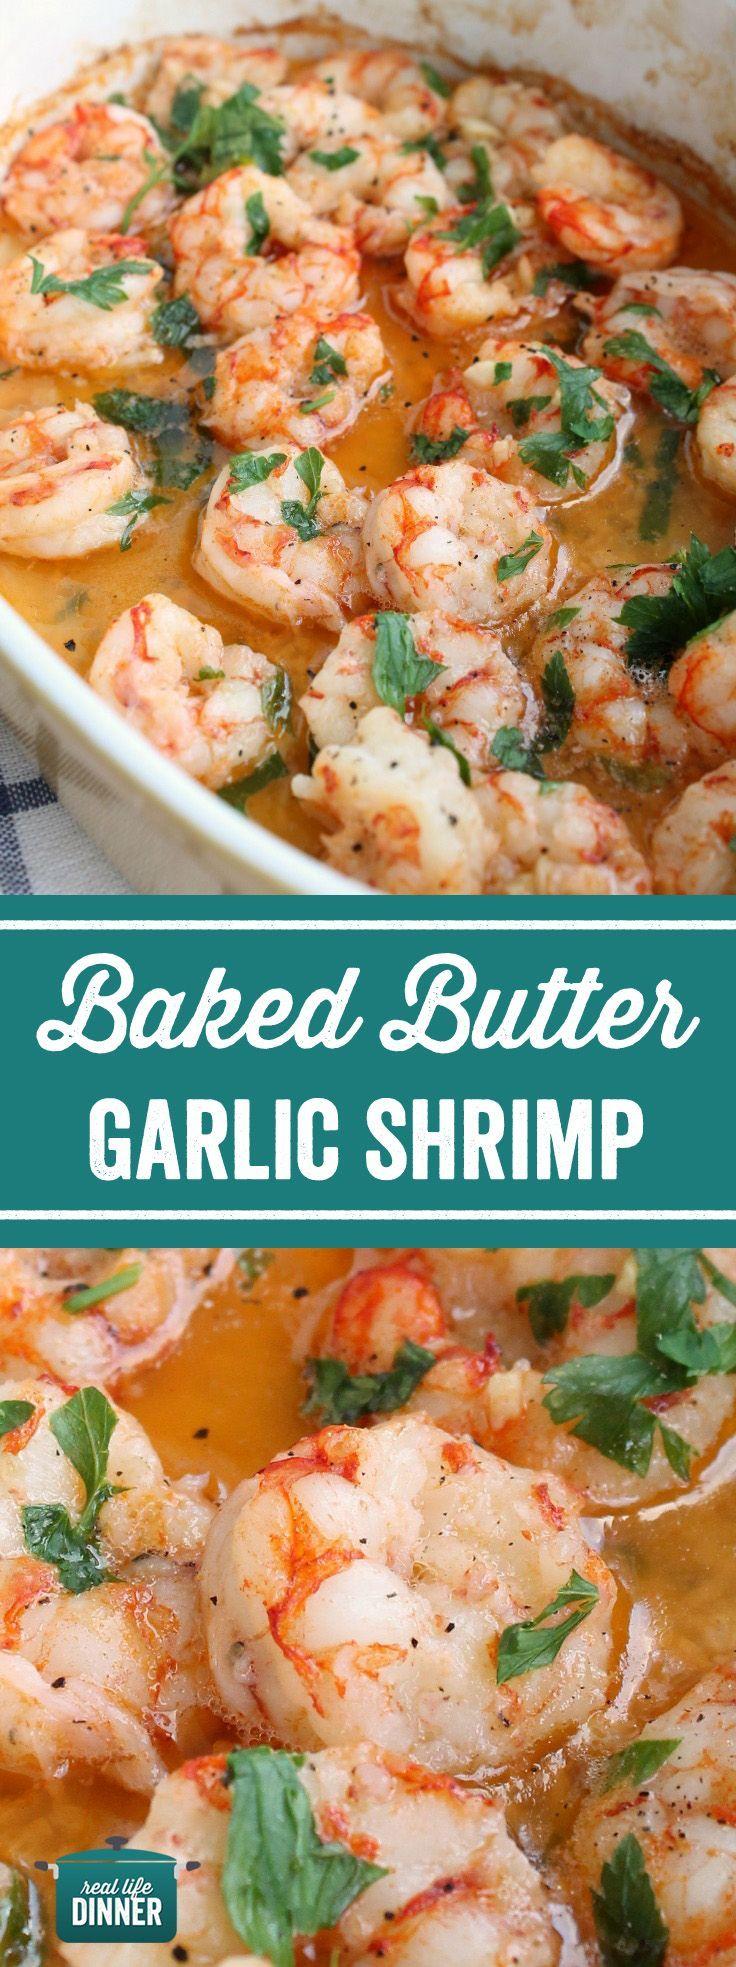 Photo of Baked Butter Garlic Shrimp – Real Life Dinner